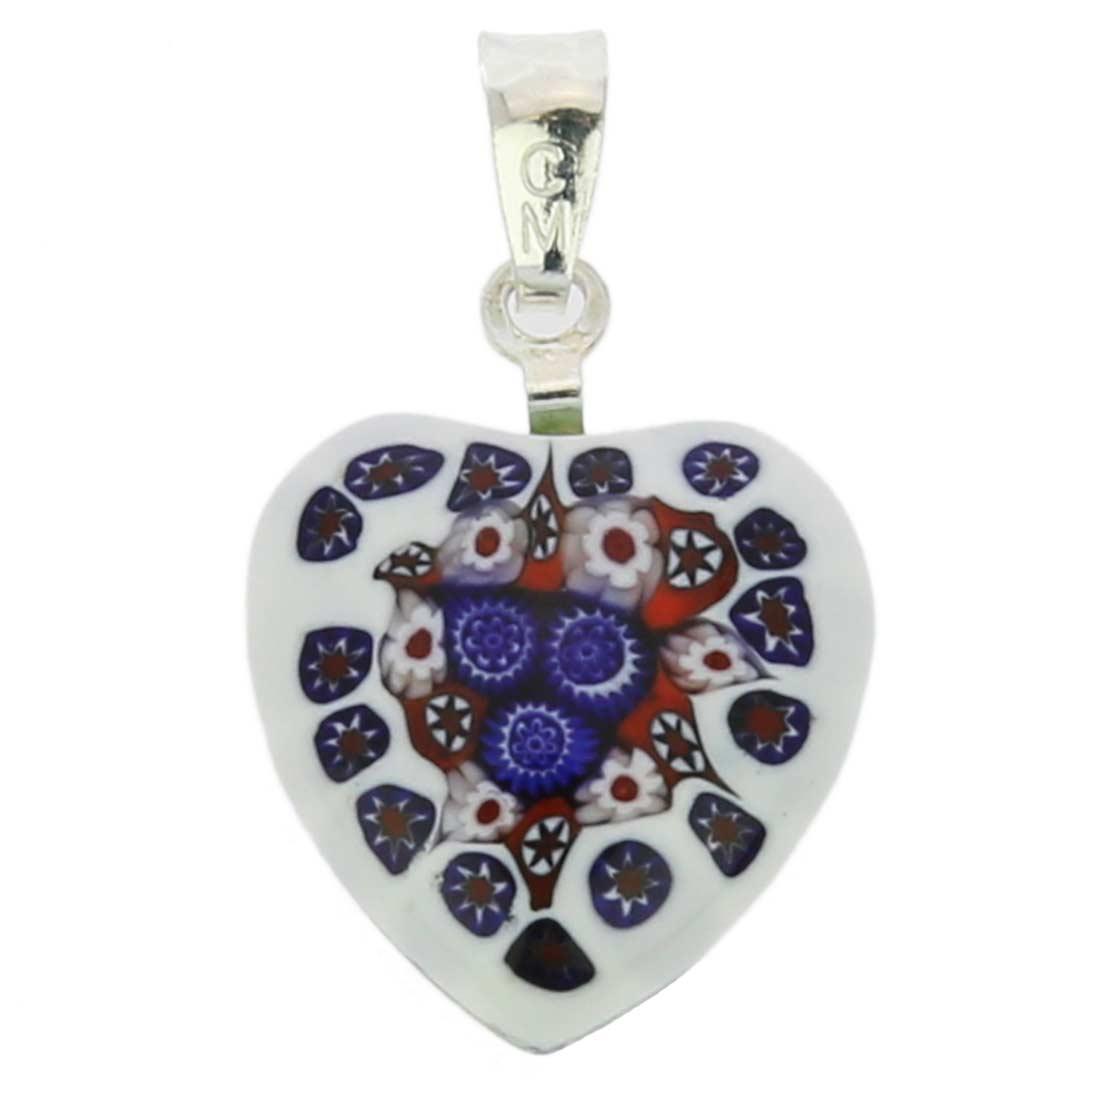 Millefiori heart pendant - silver #5